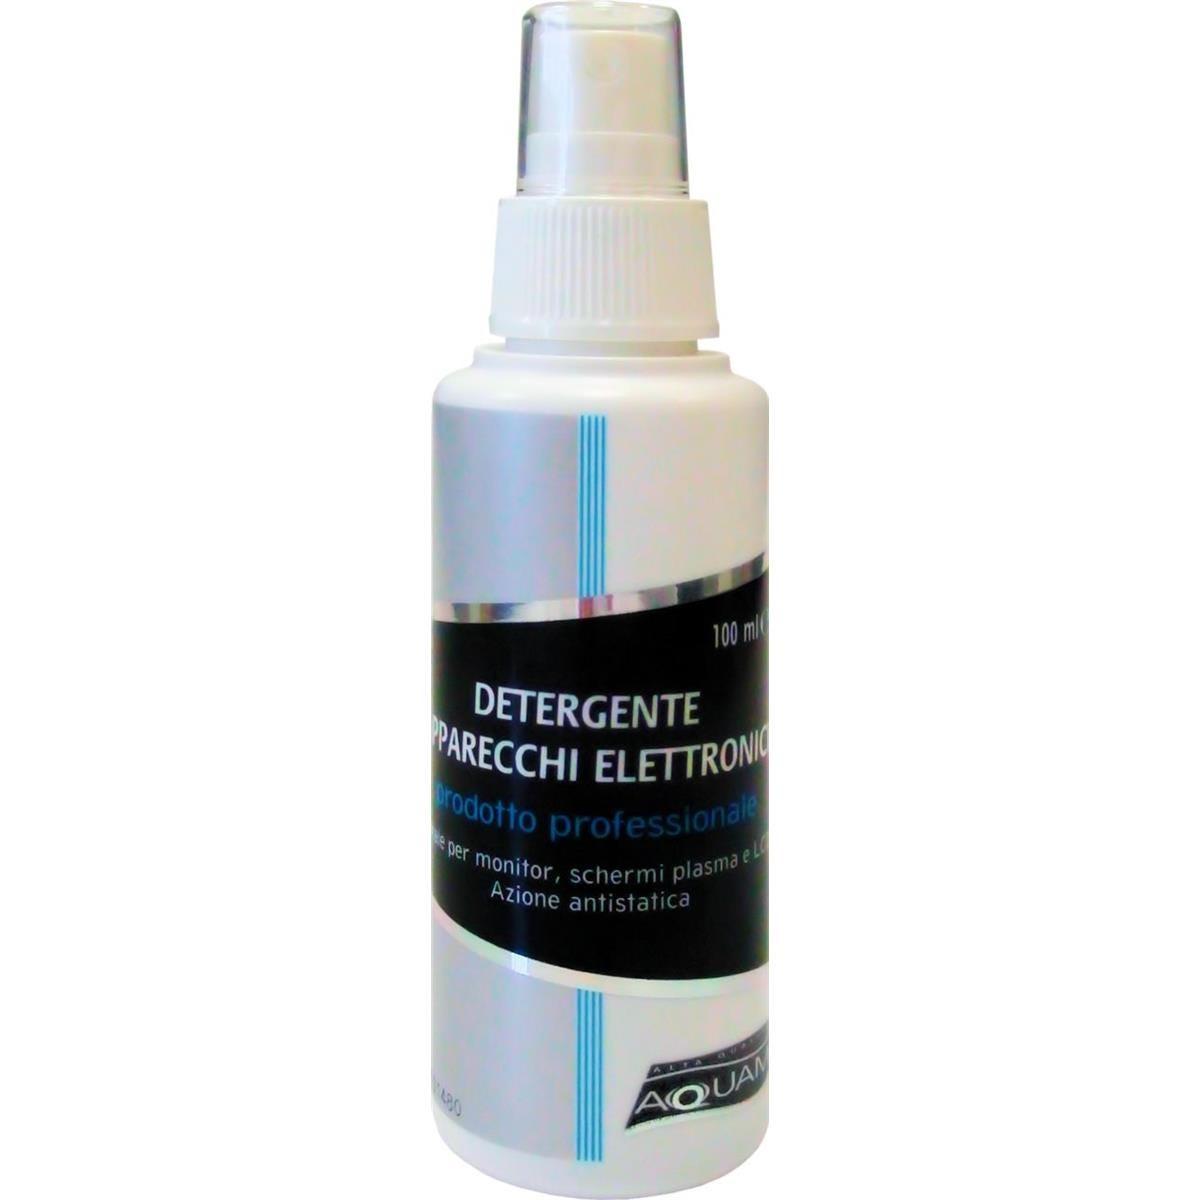 Detergente Apparecchi Elettronici 100 ml